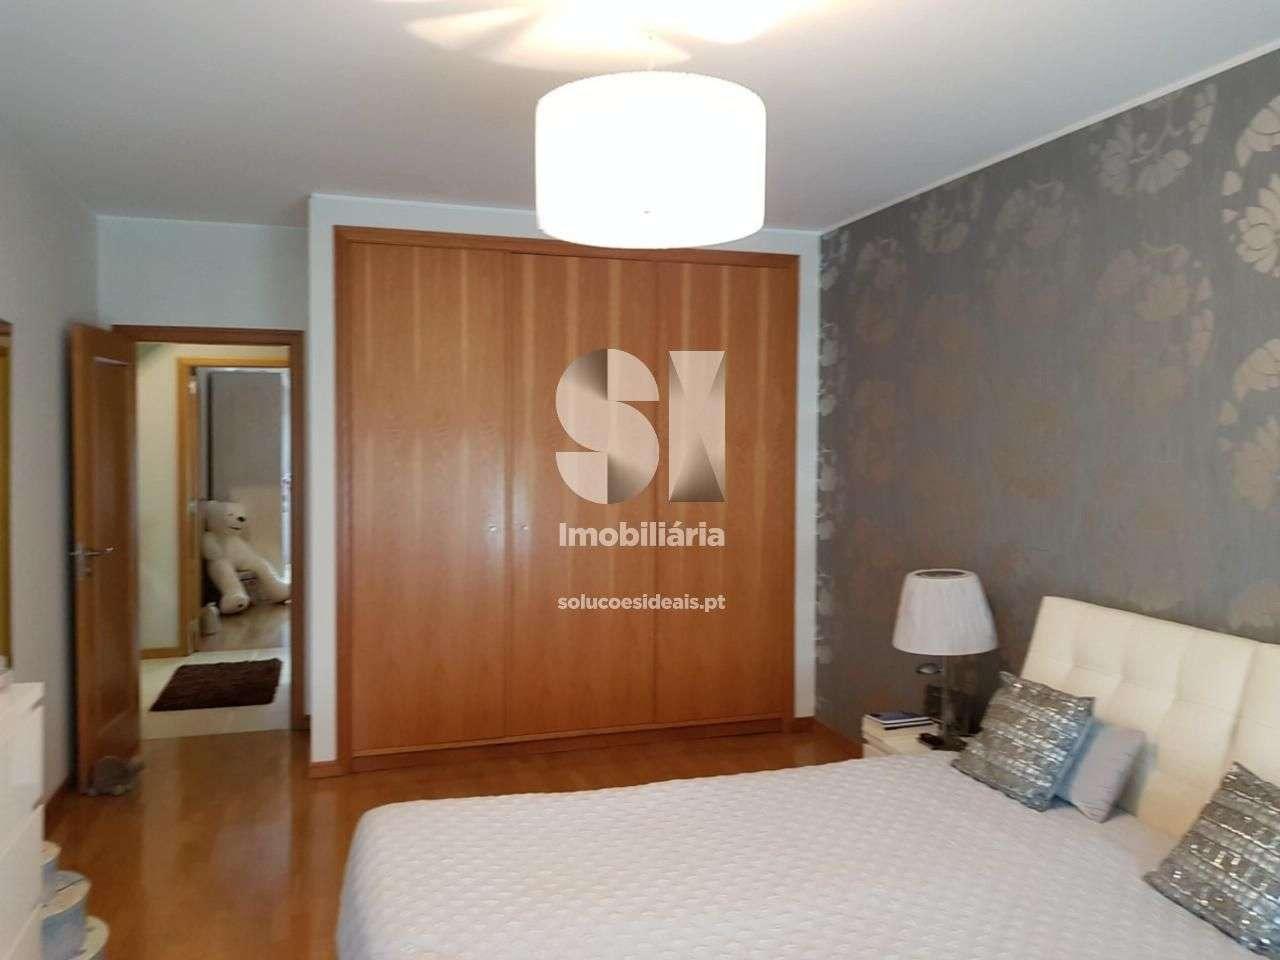 Apartamento para comprar, A dos Cunhados e Maceira, Lisboa - Foto 9